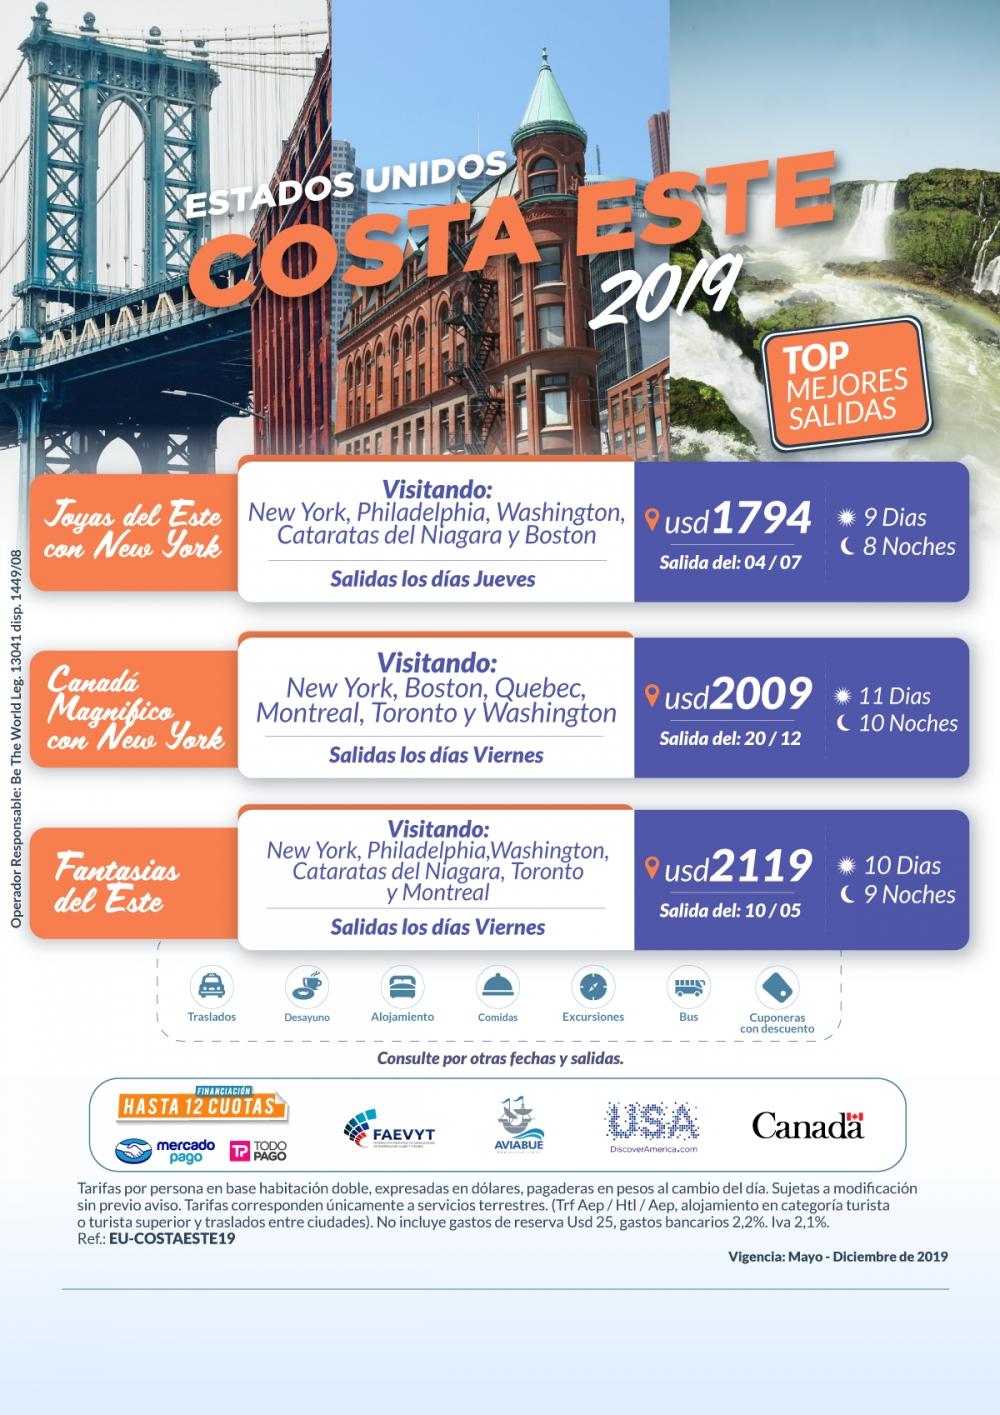 CIRCUITOS - Costa Este 2019